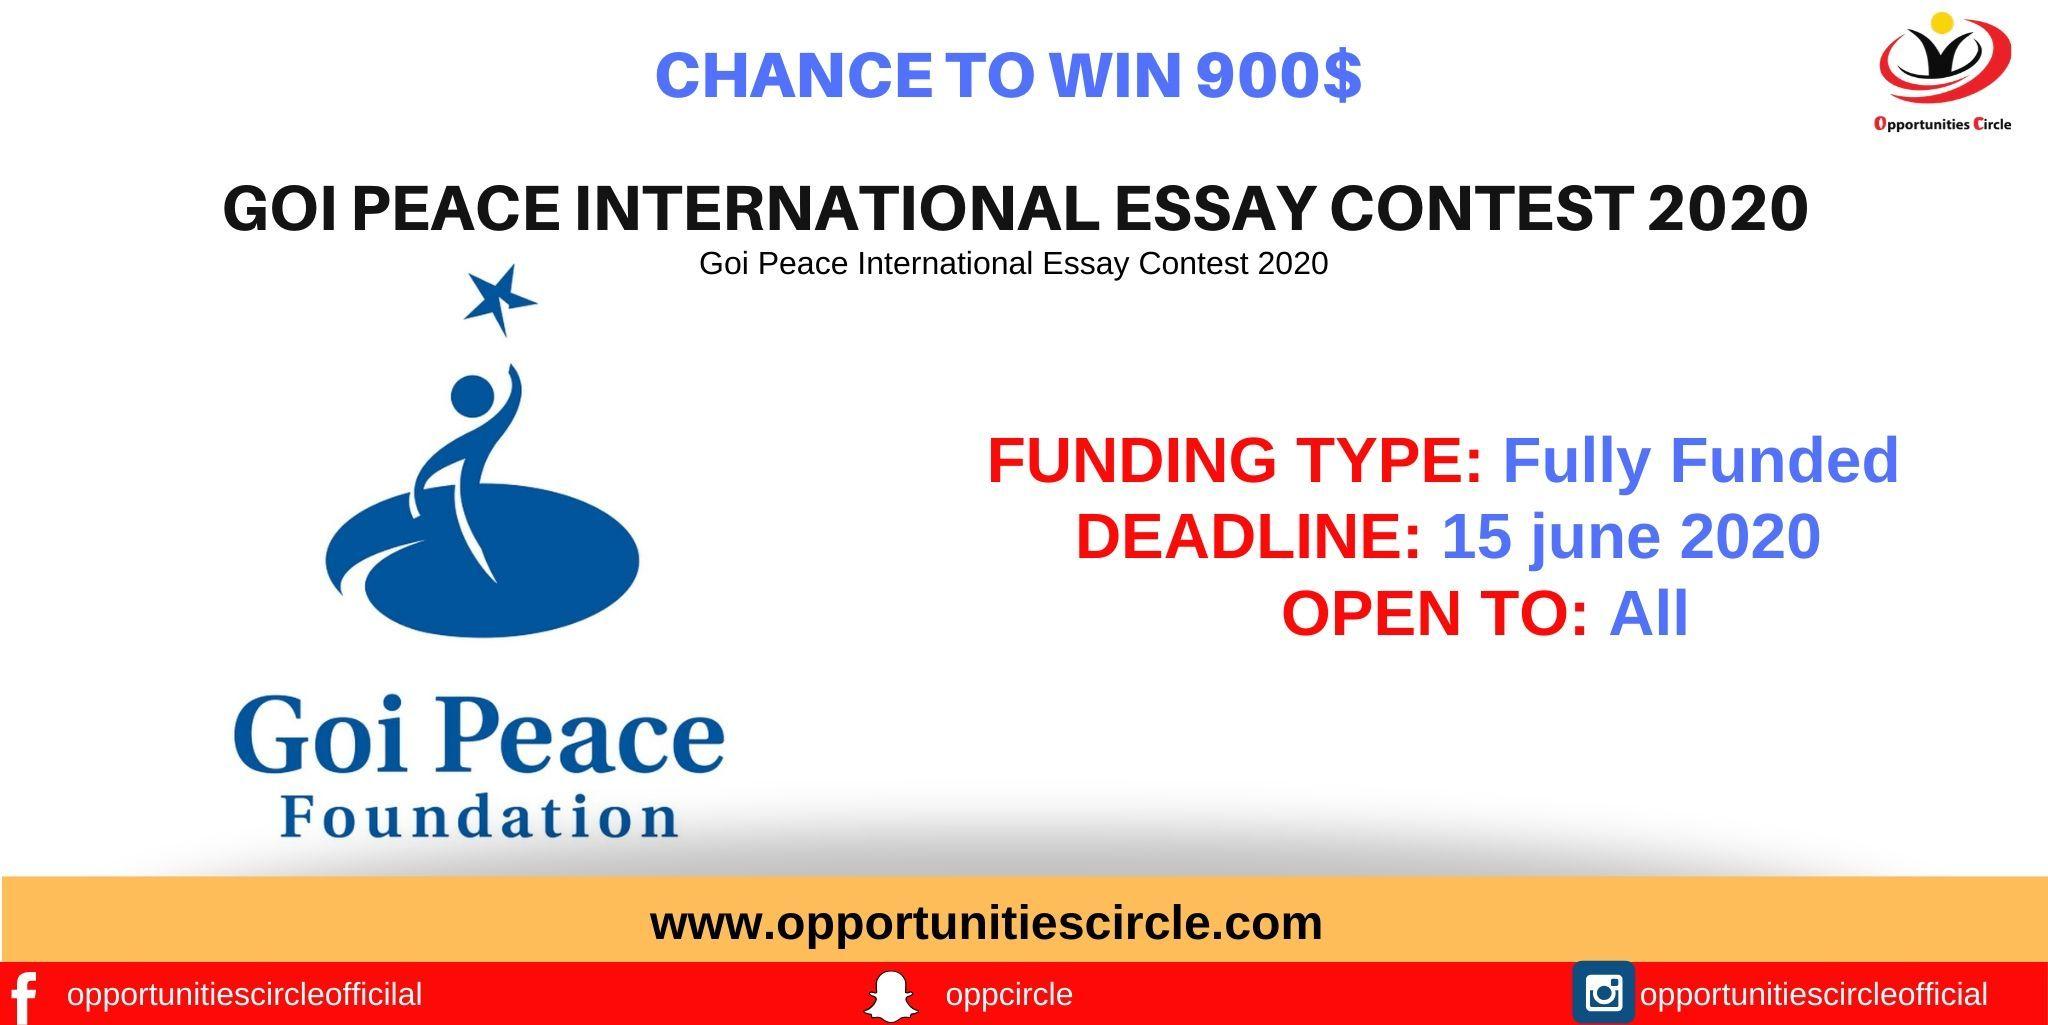 Goi Peace International Essay Contest 2020 Essay